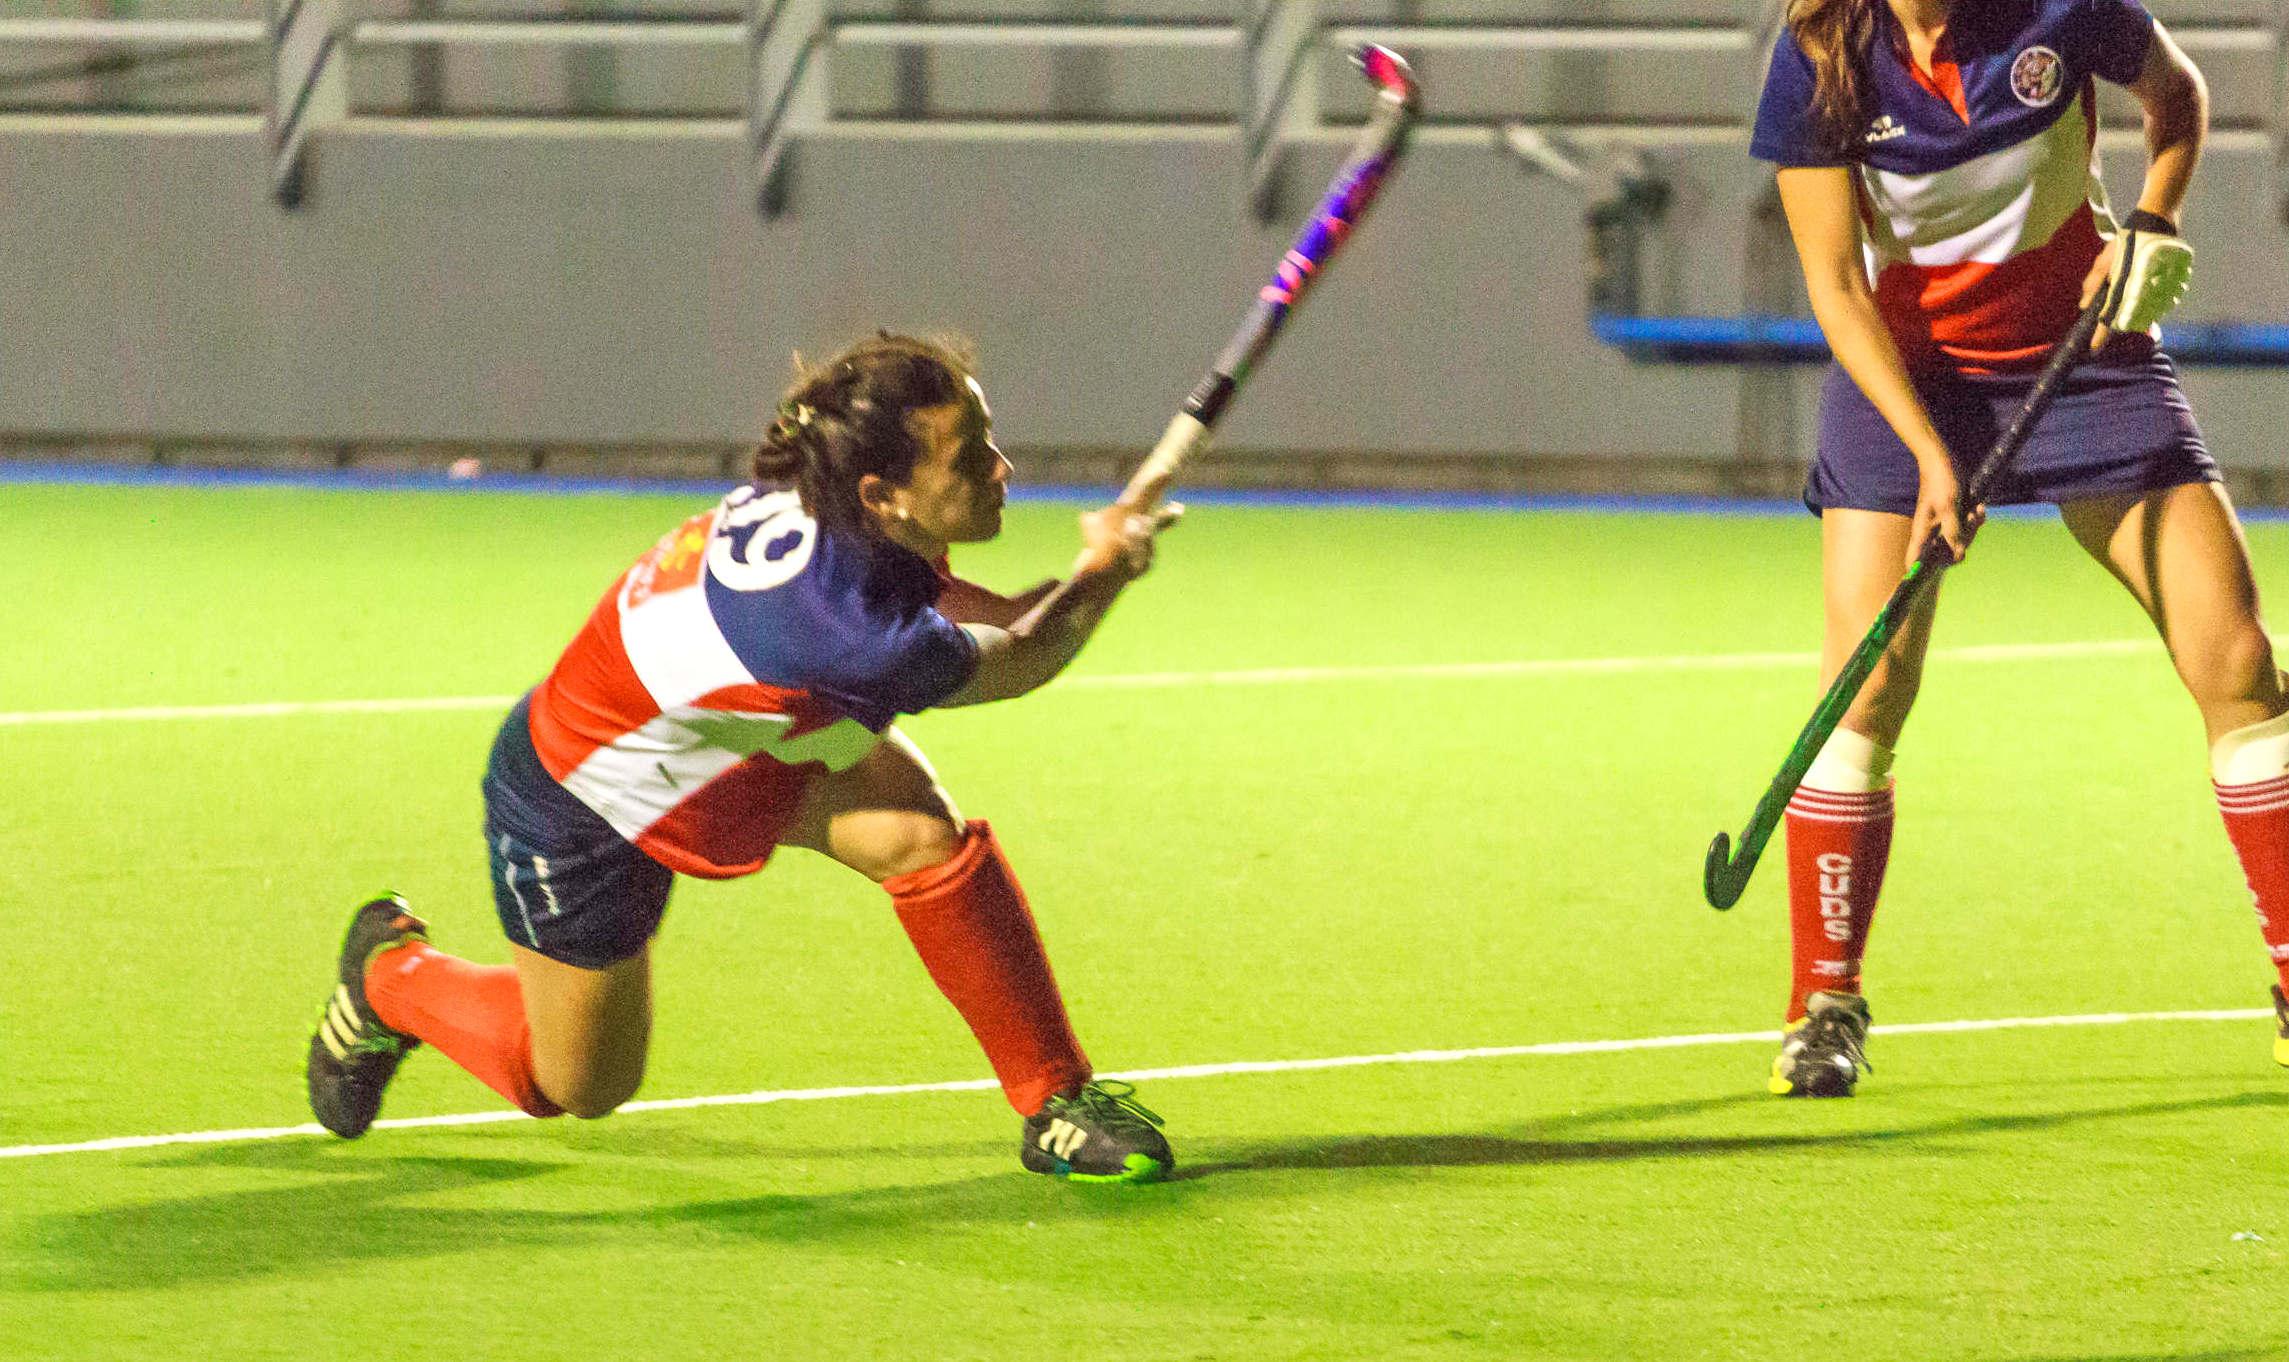 Sofia Paglione fue la goleadora del partido.